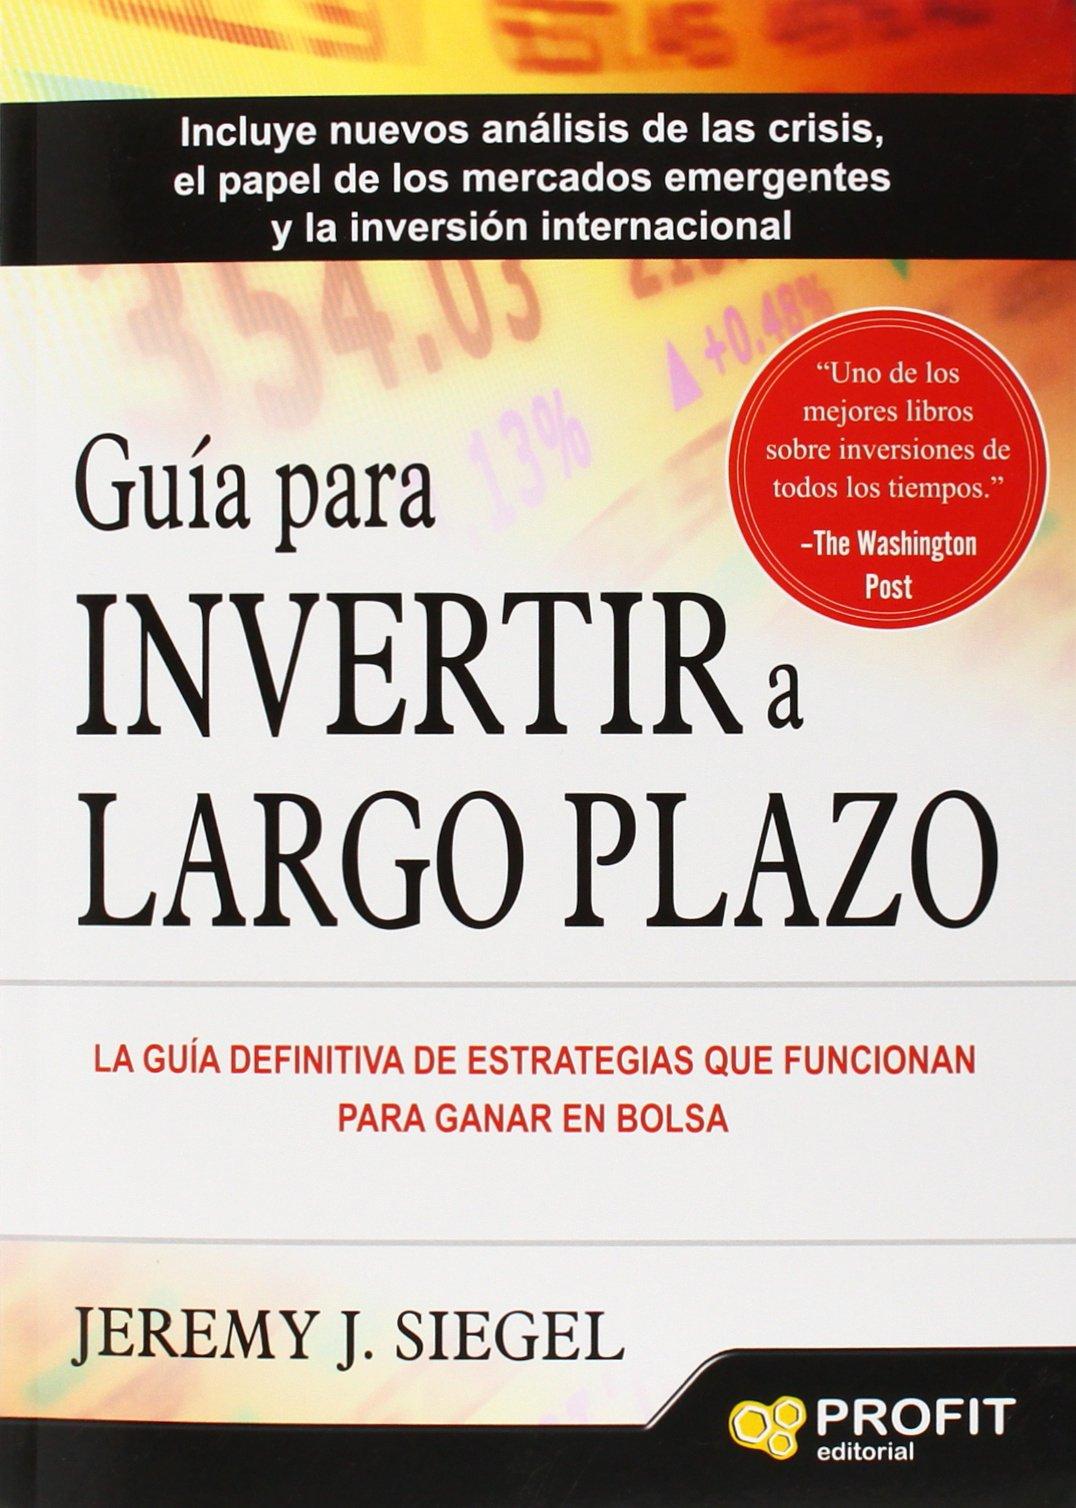 Guía para invertir a Largo Plazo